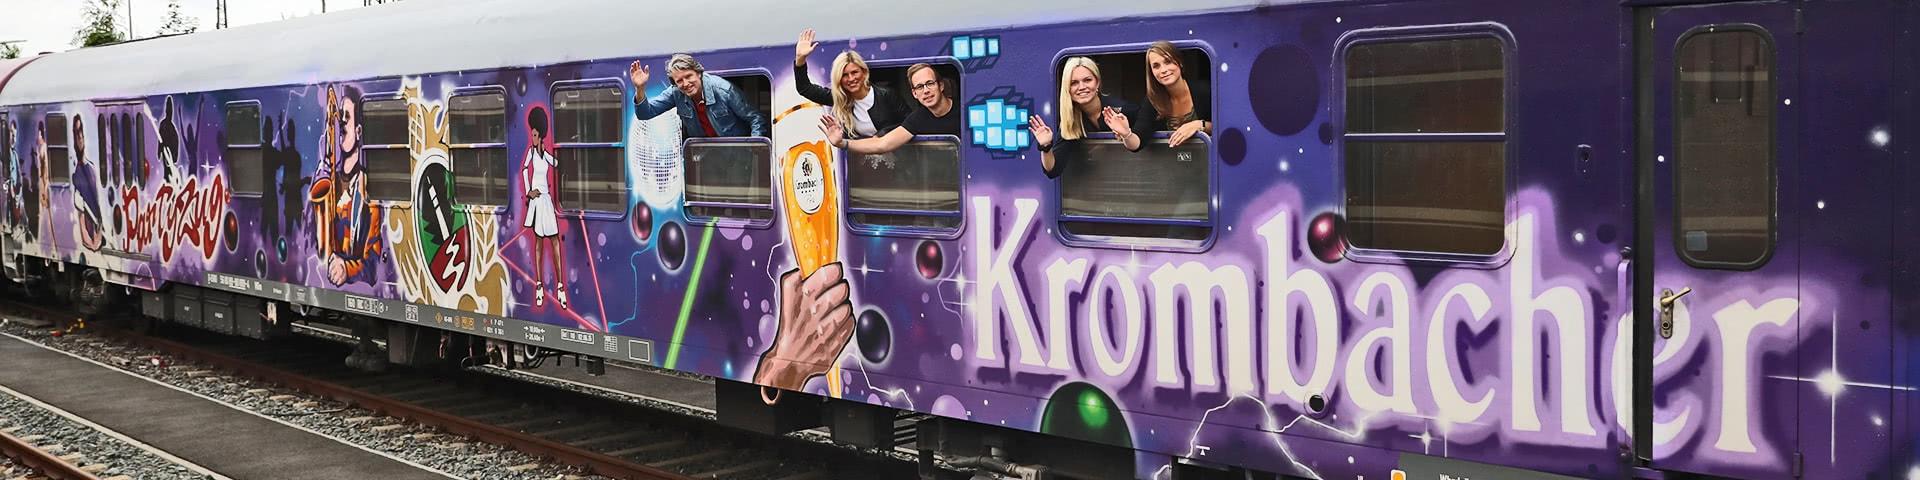 Krombacher Party-Express